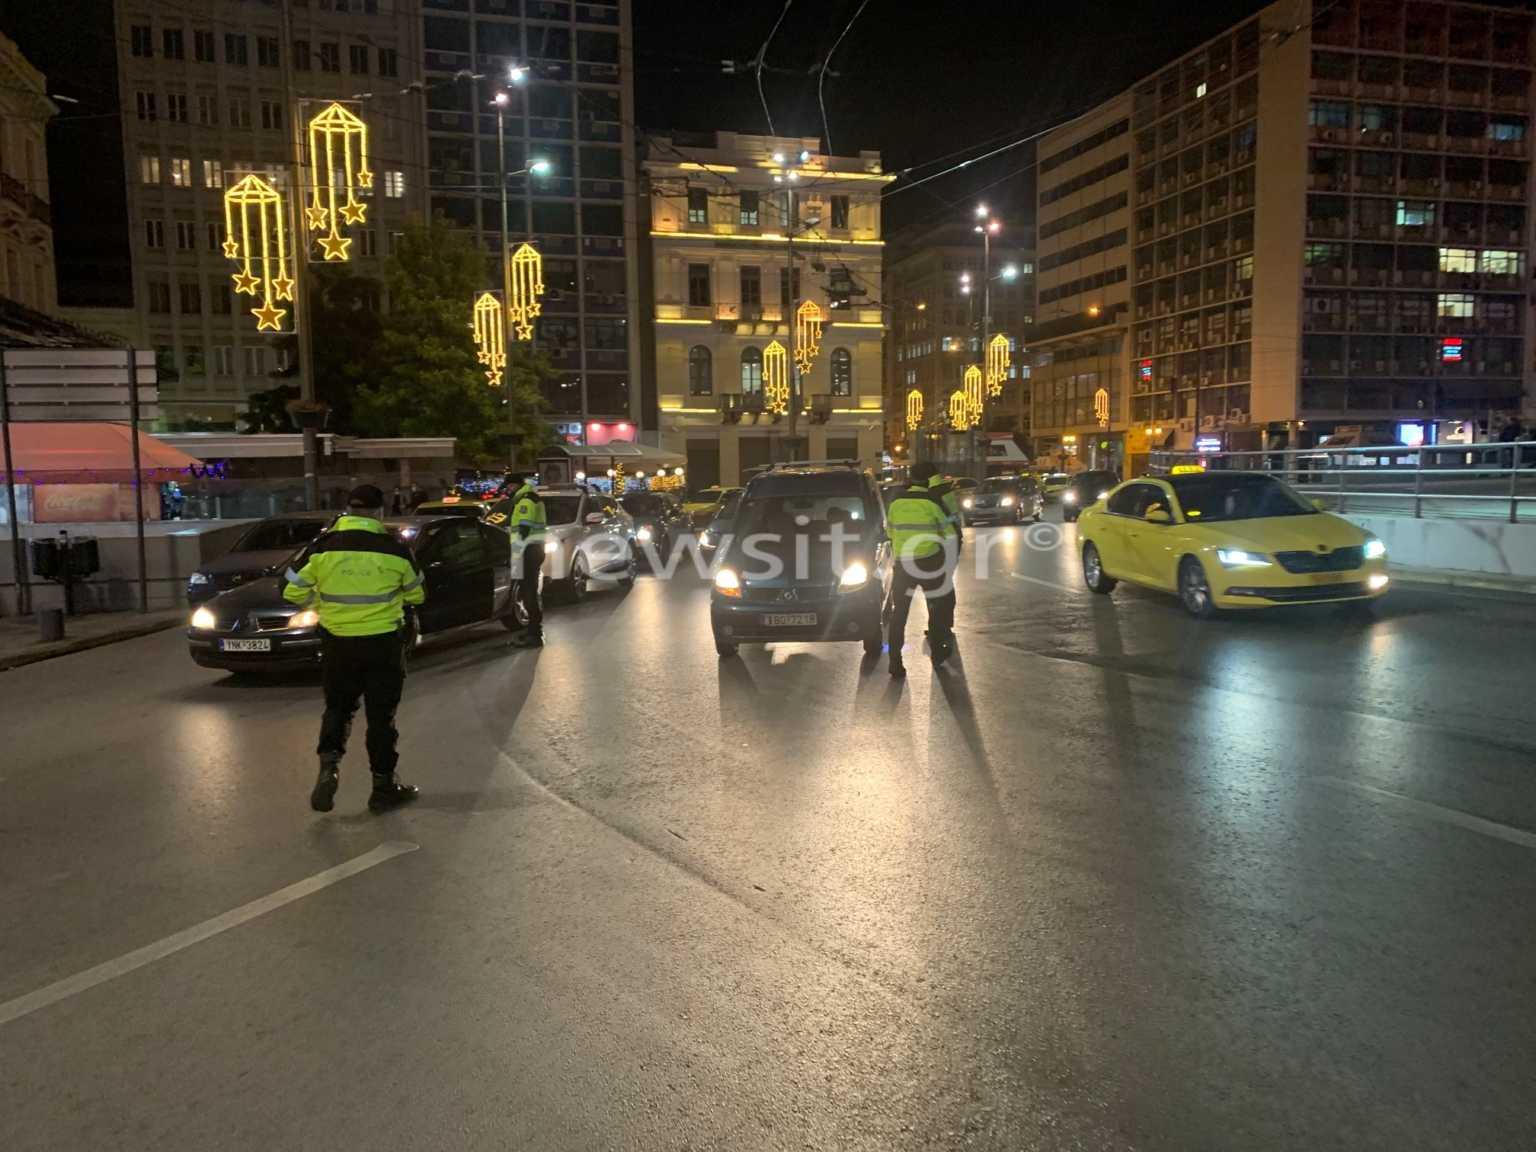 Κορονοϊός: Σαρωτικοί έλεγχοι τώρα στην Ομόνοια! Δείτε LIVE εικόνα